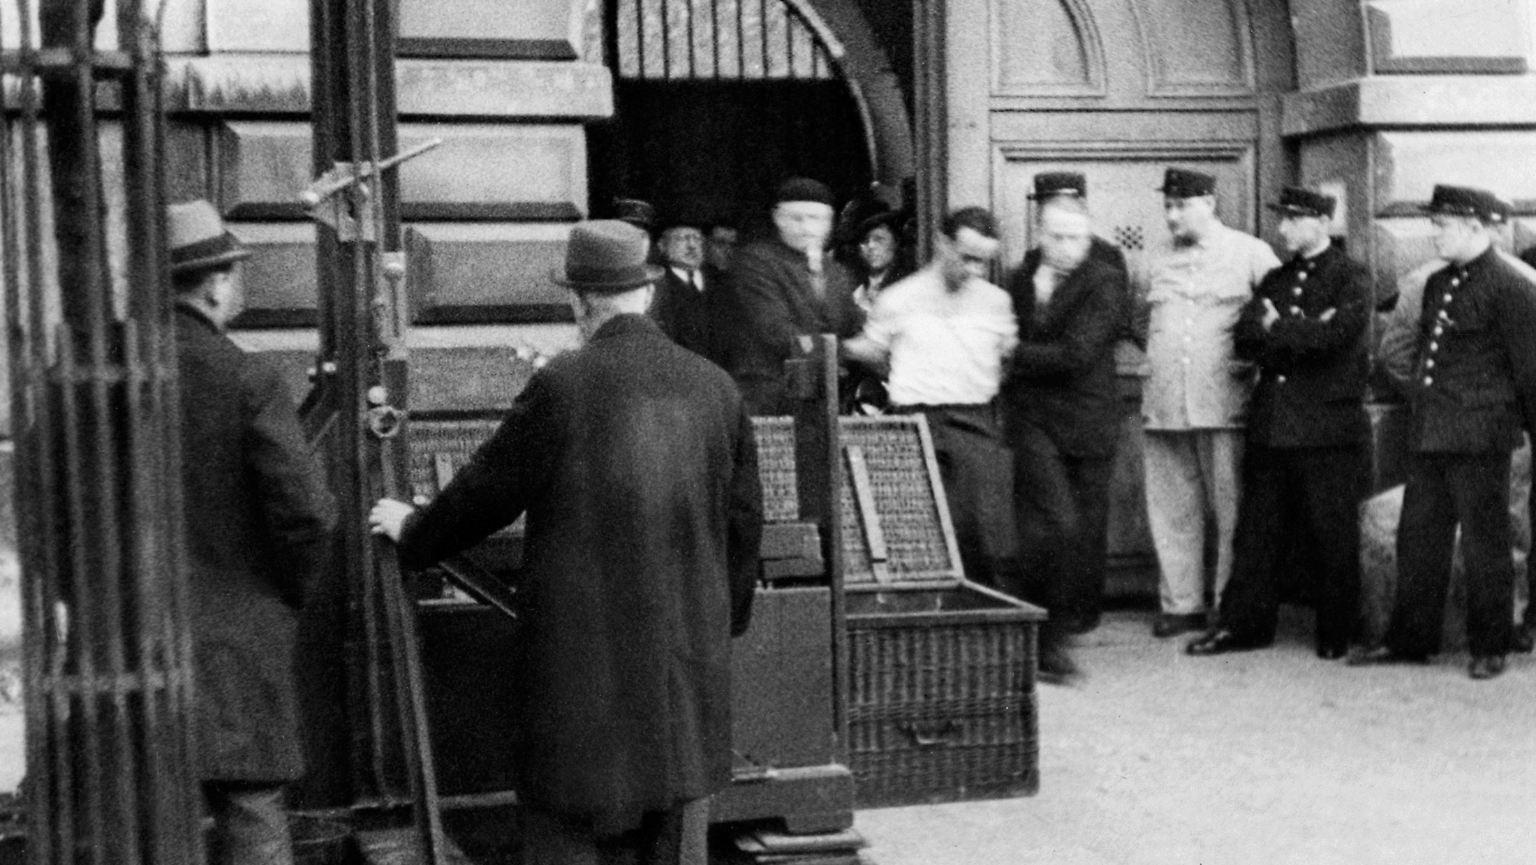 1939 Stirbt Ein Deutscher Letzte Offentliche Enthauptung In Frankreich N Tv De